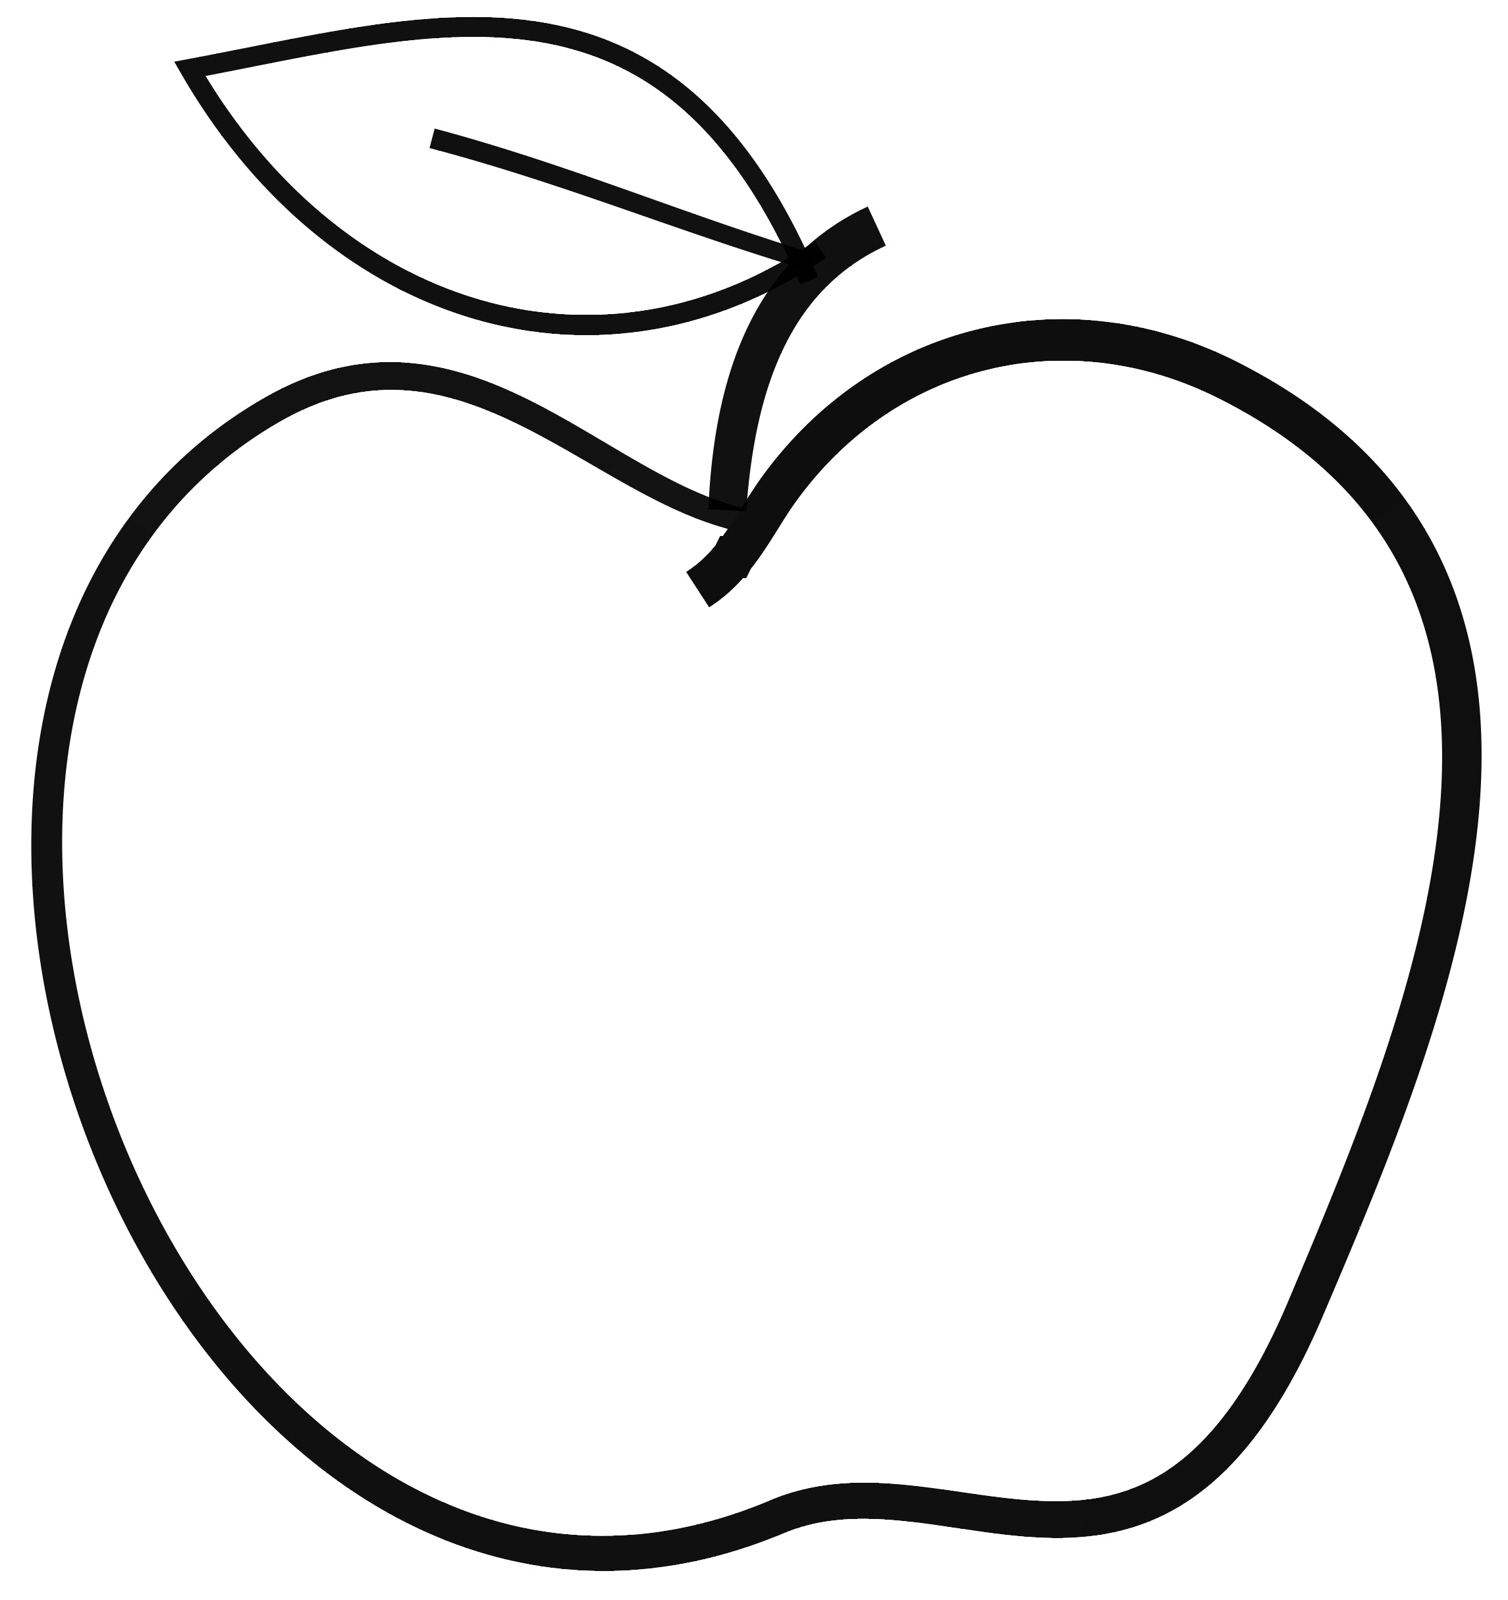 Apple clipart blackline. Clipartfest psimple black line